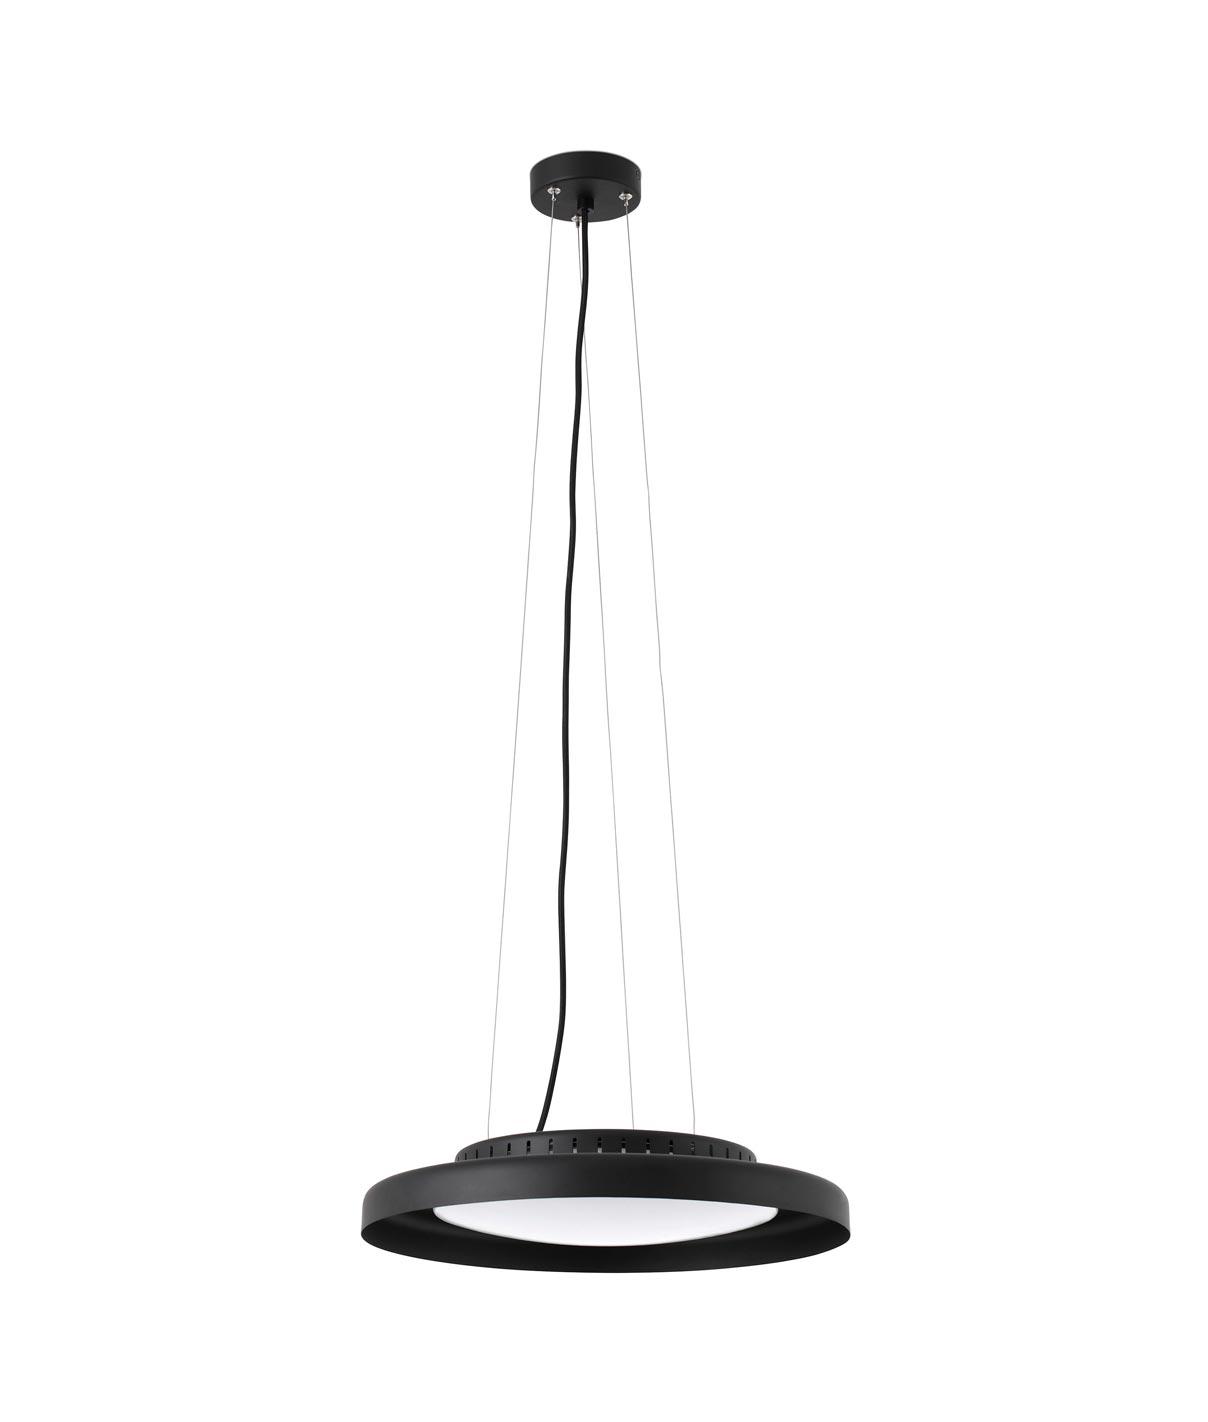 Lámpara colgante negra DOLME LED